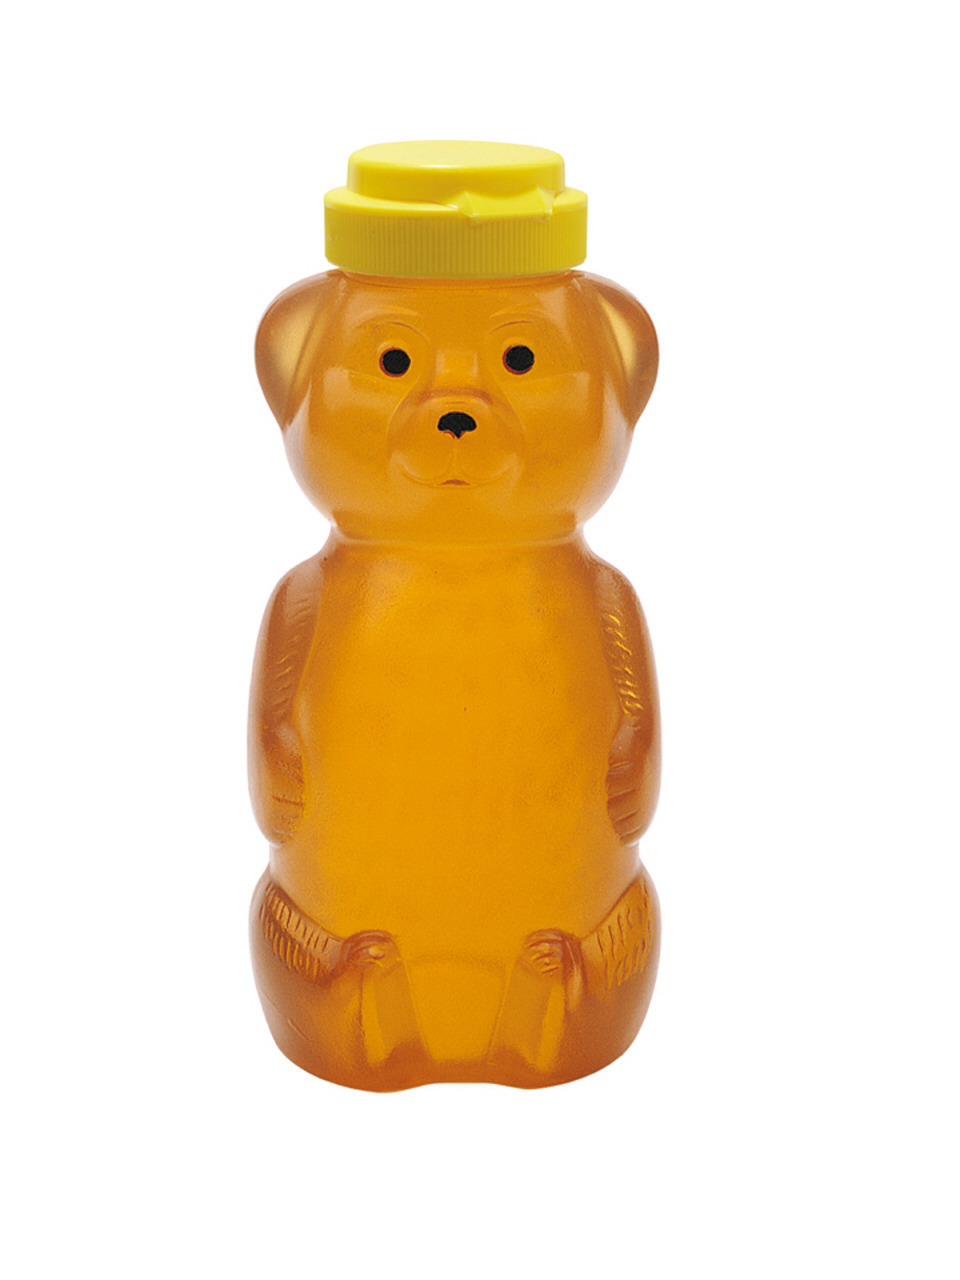 2 tsp honey